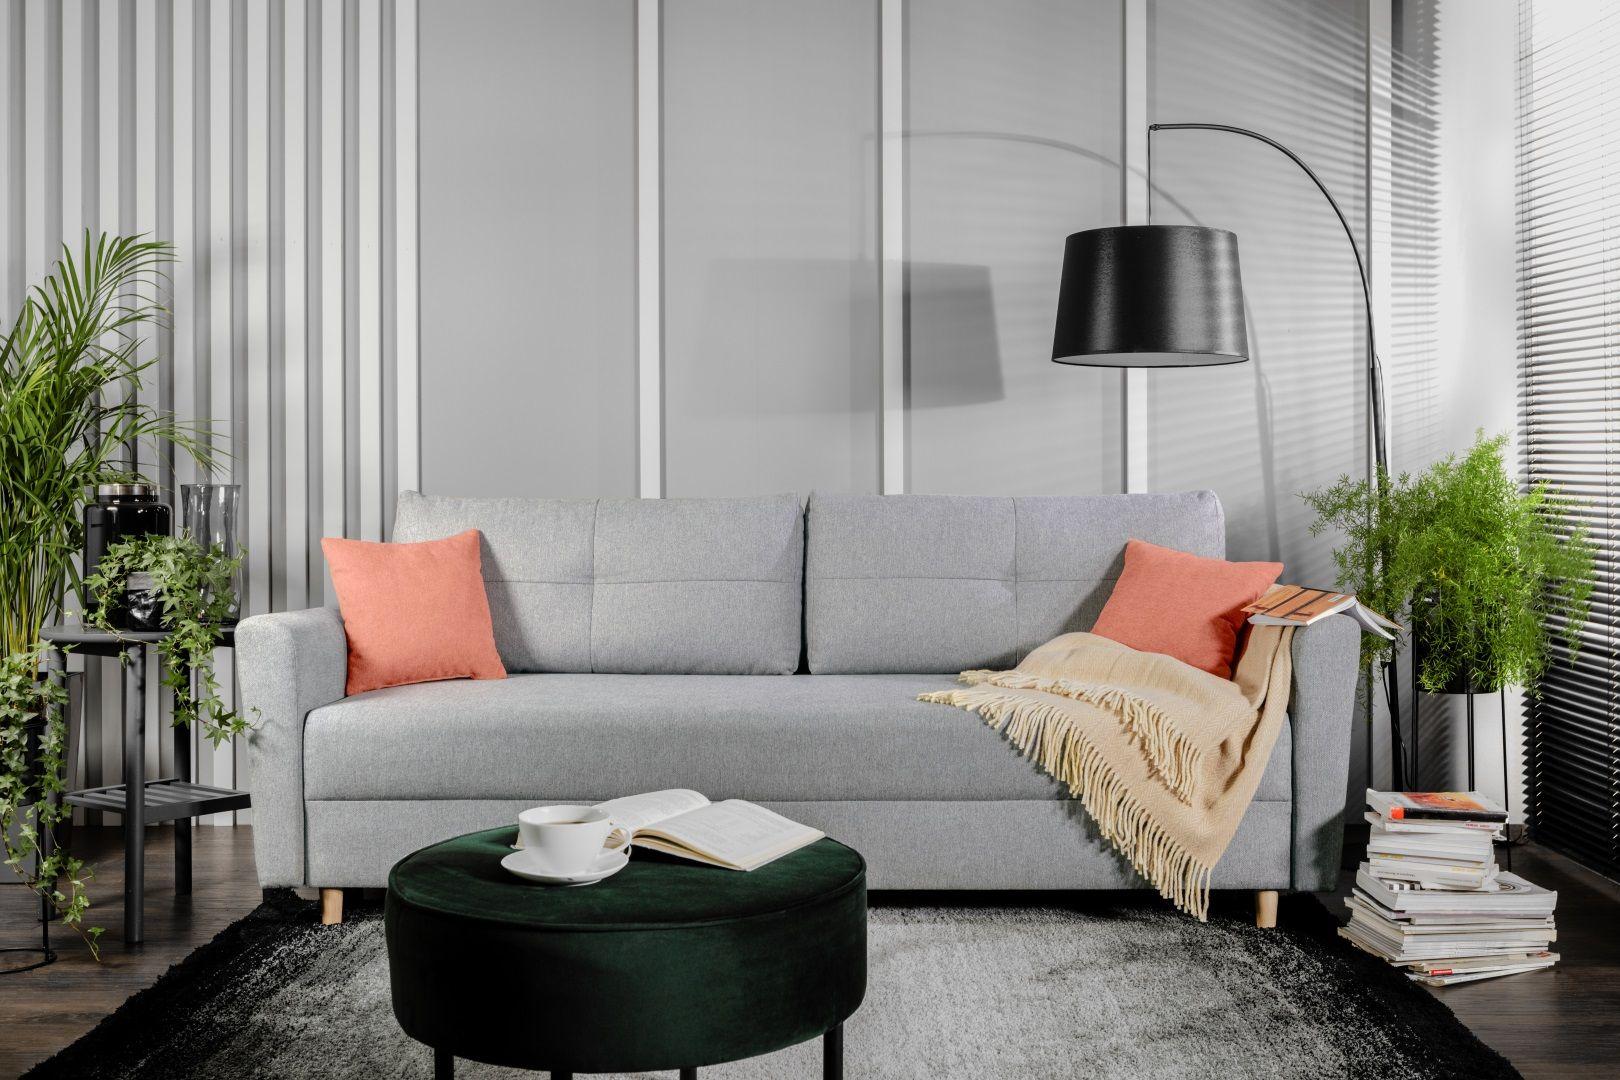 Sofa do małego salonu w szarym kolorze z kolekcji Aradena. Dostępne w ofercie Black Red White. Fot. Black Red White